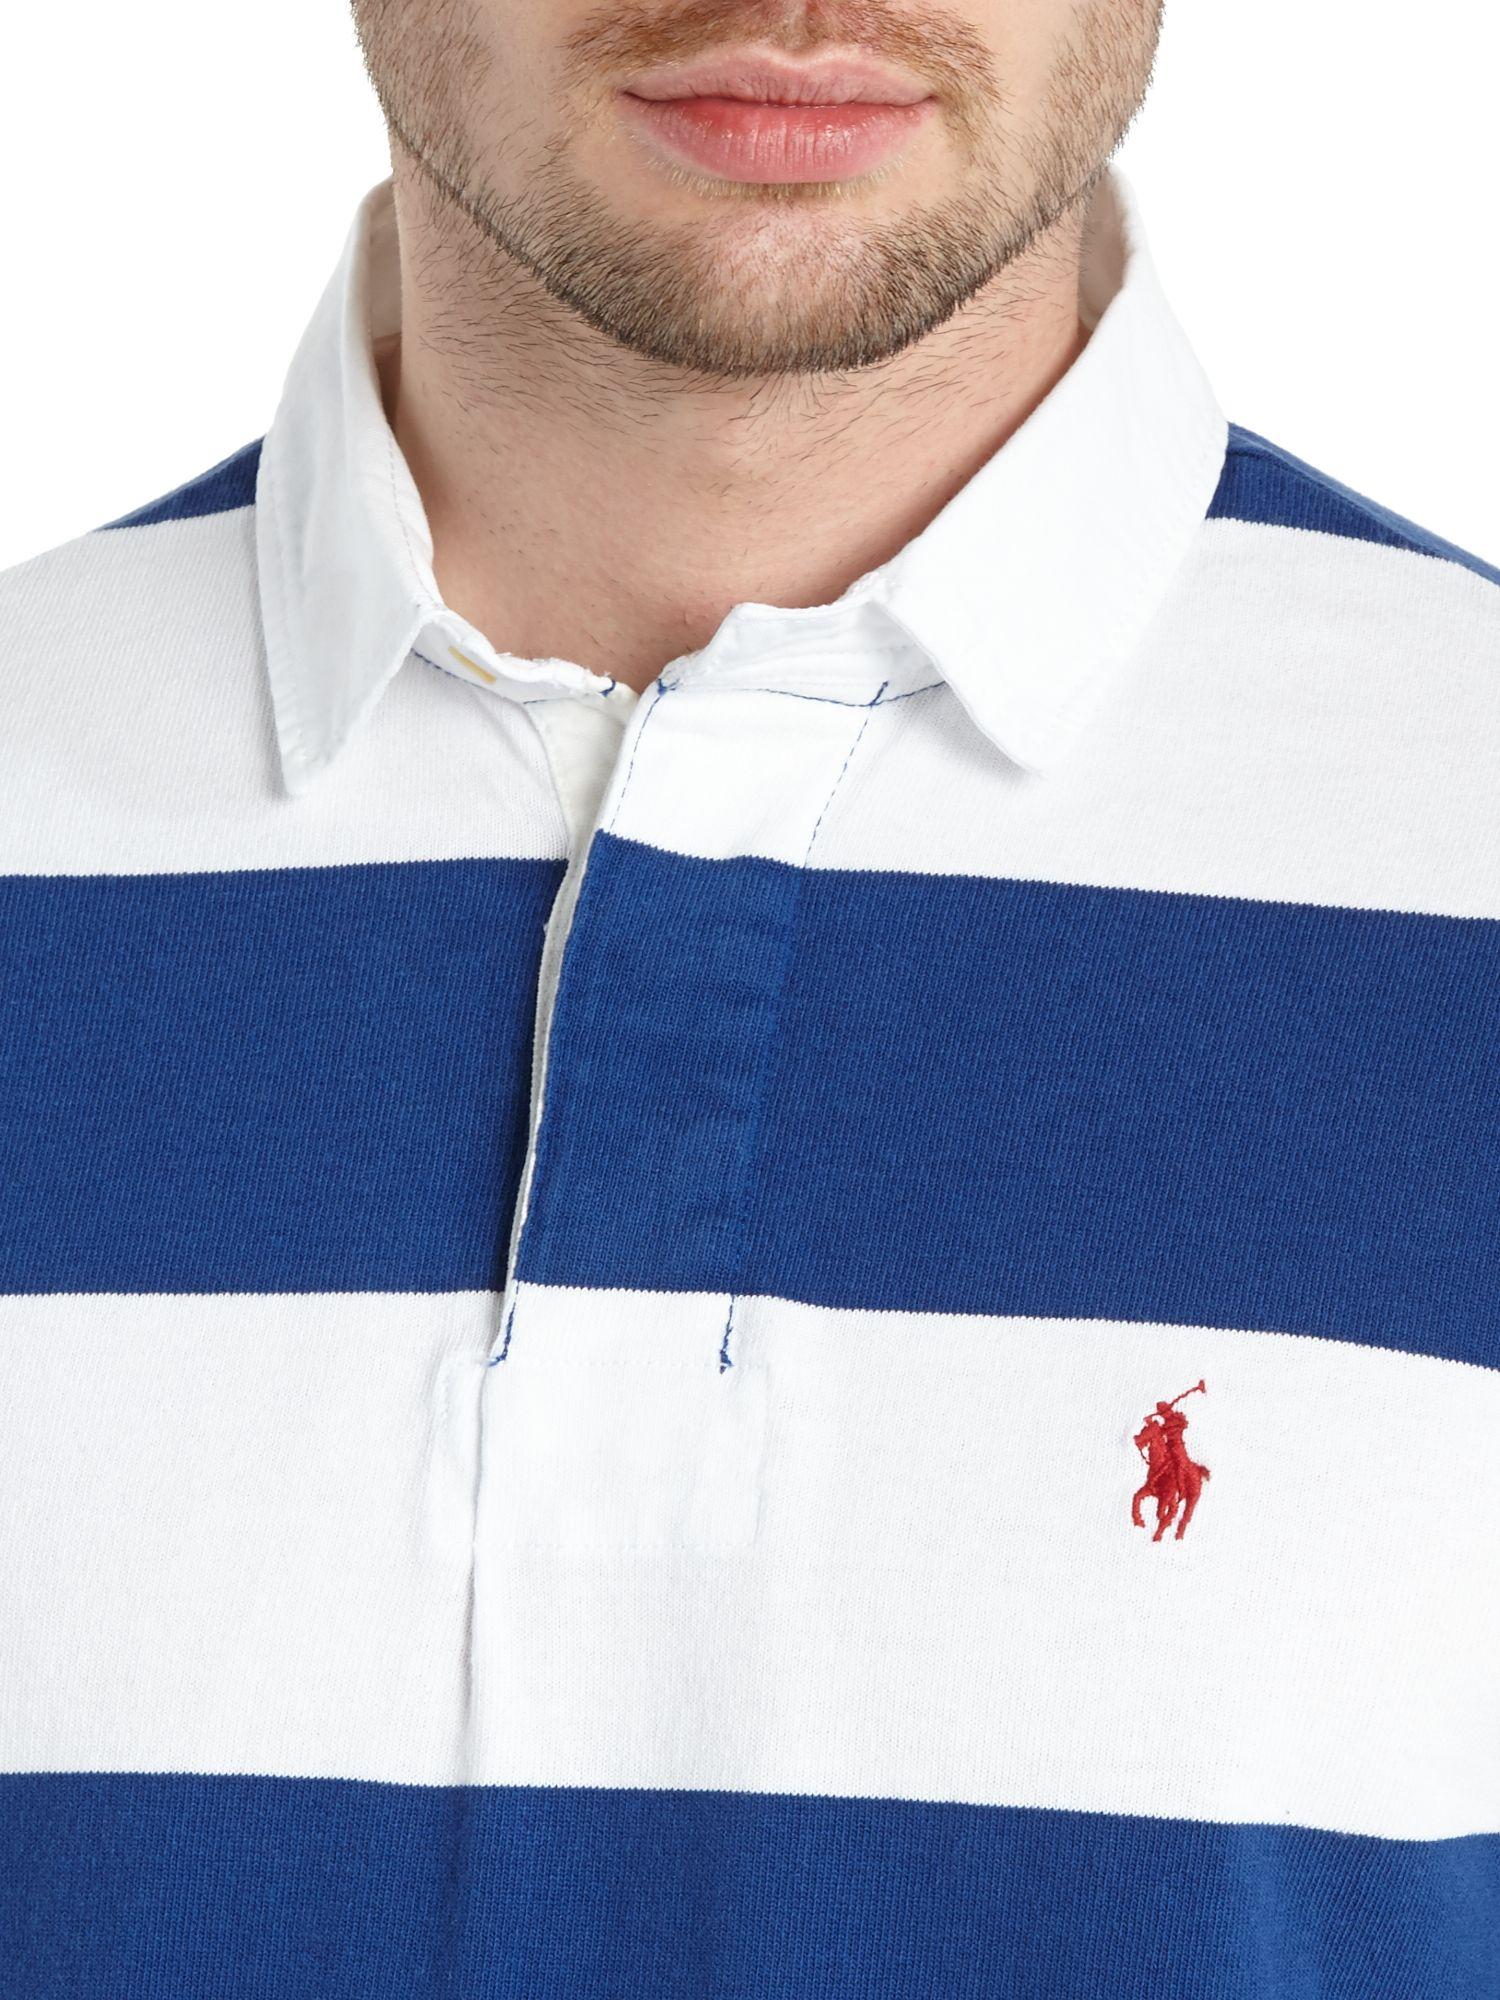 Fit Lauren Polo Rugby Slim Ralph Shirt OPkXuTiwZ